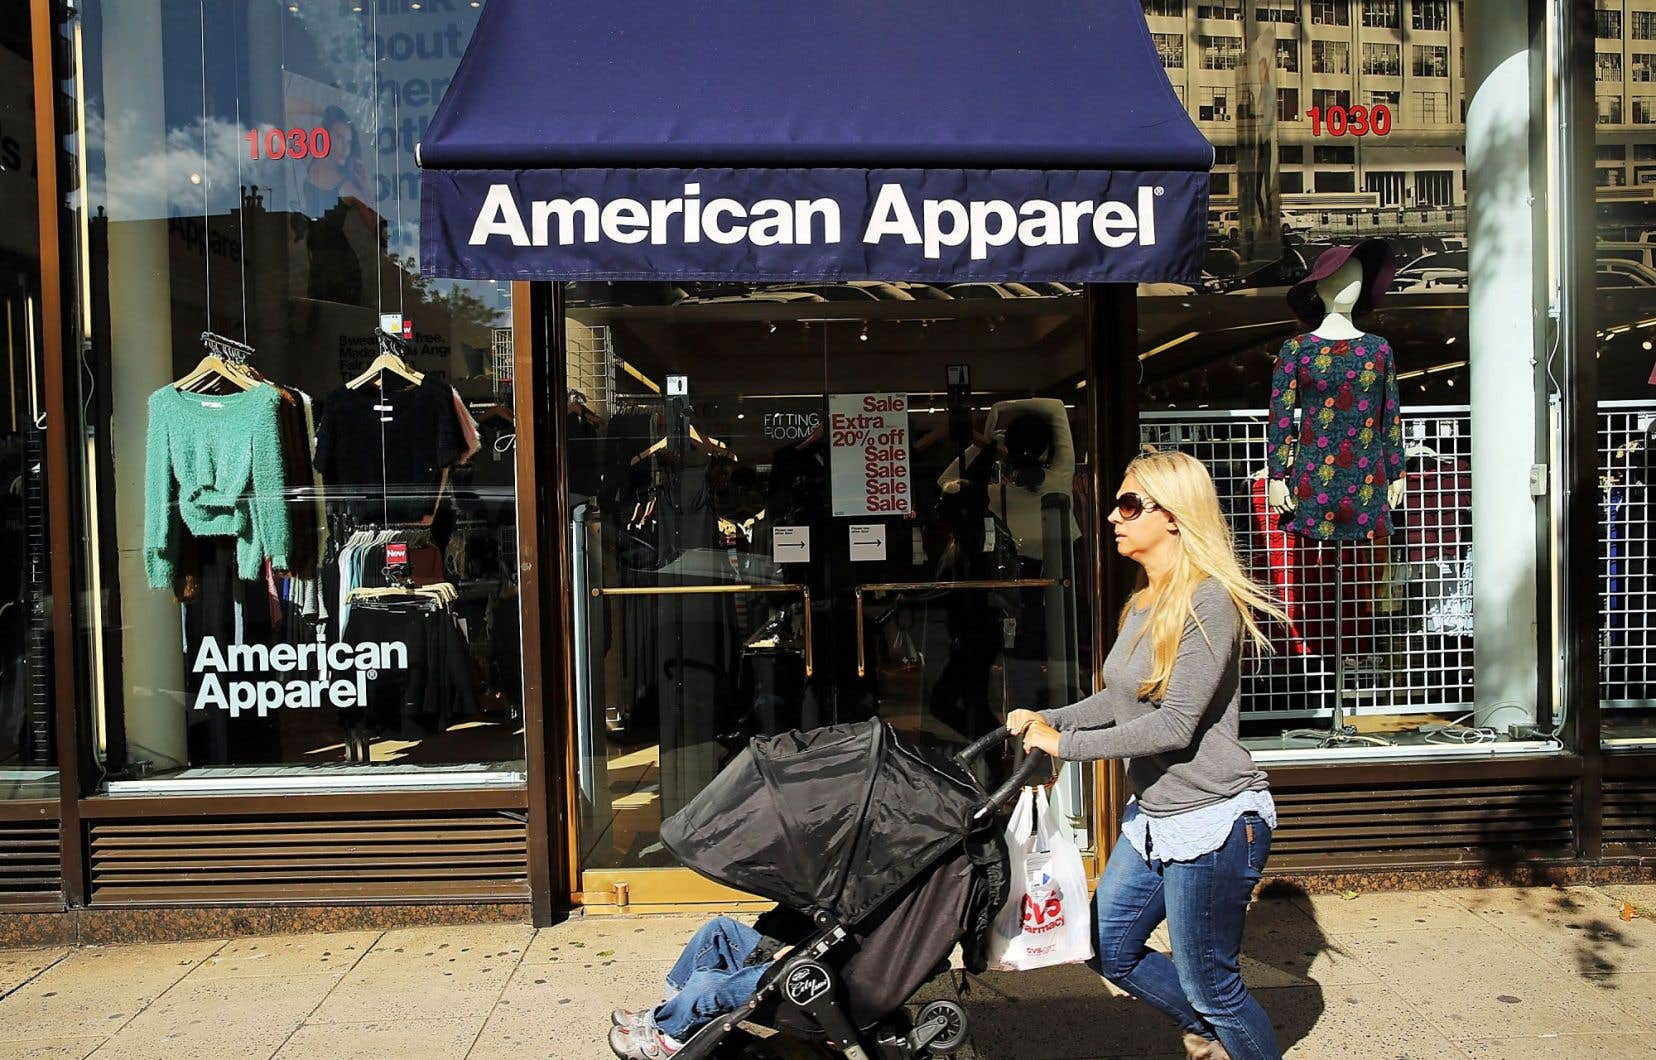 Dans le cadre de sa proposition, Gildan mettrait la main sur les baux de deux usines californiennes et un centre de distribution, mais n'achèterait aucun magasin d'American Apparel, comme celui de New York.